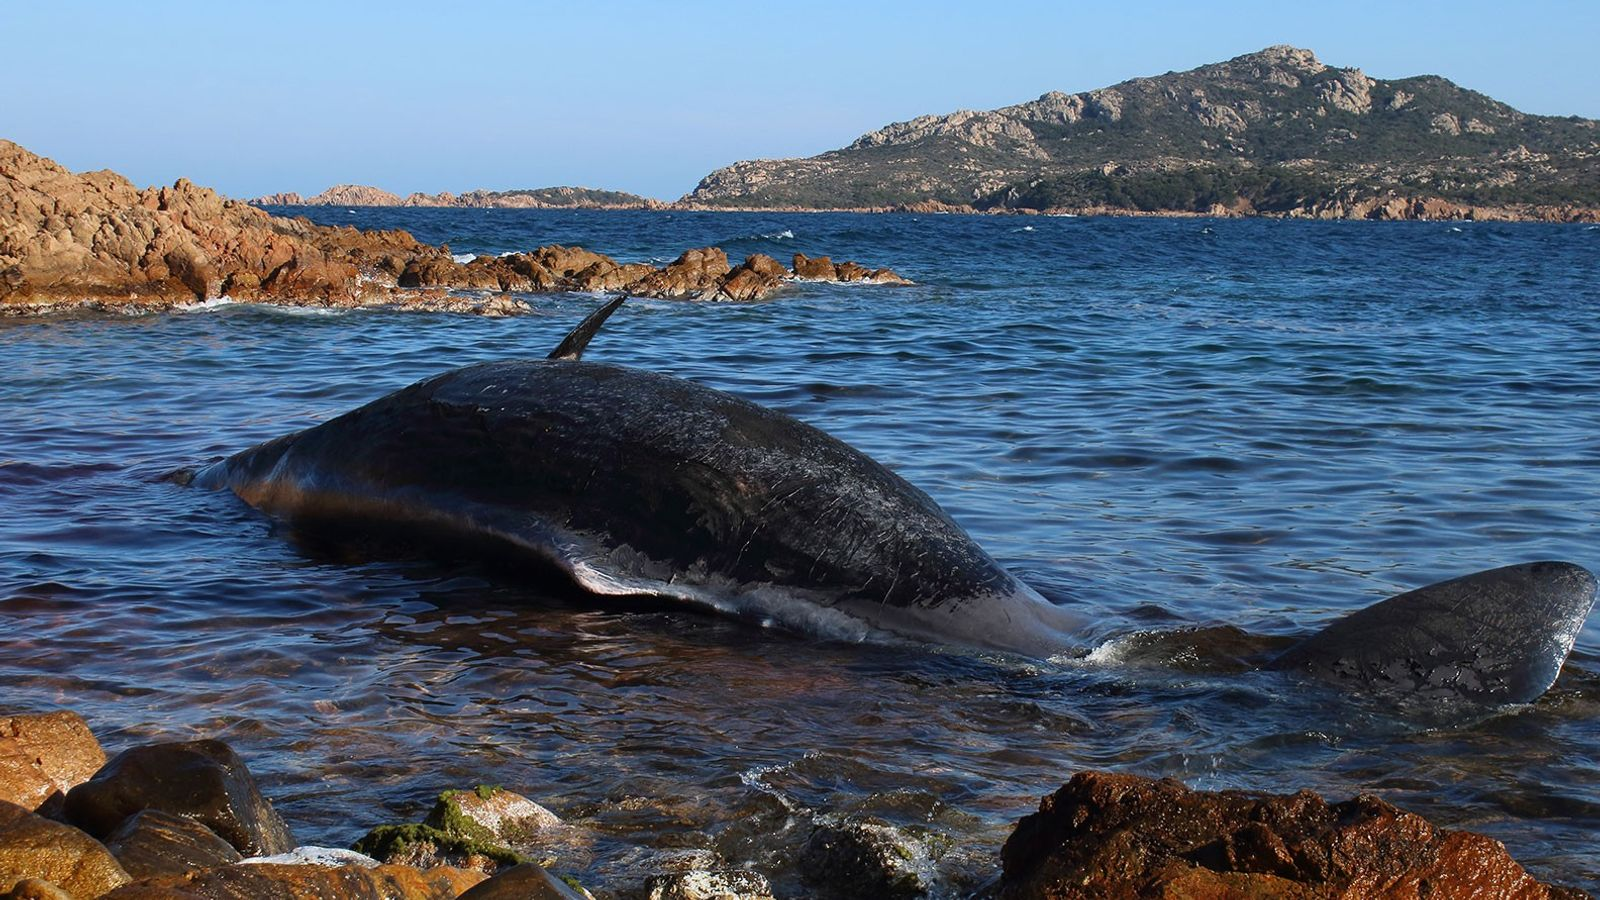 Une femelle cachalot enceinte échouée sur une plage de Sardaigne, une île italienne. Son estomac était ...